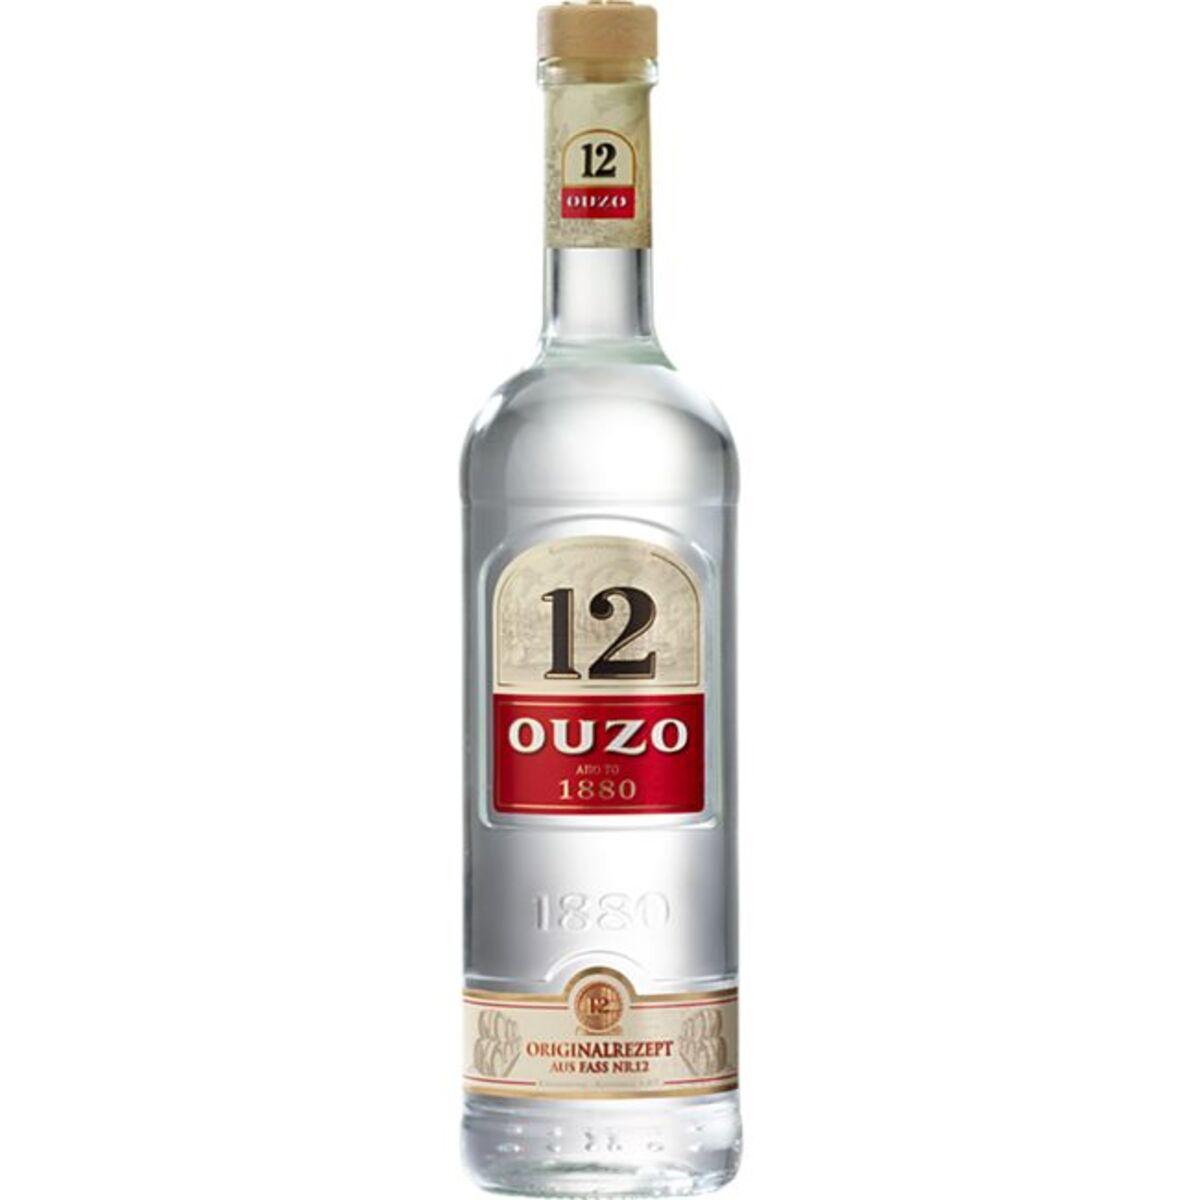 Bild 1 von Ouzo 12 38,0 % vol 0,7 Liter